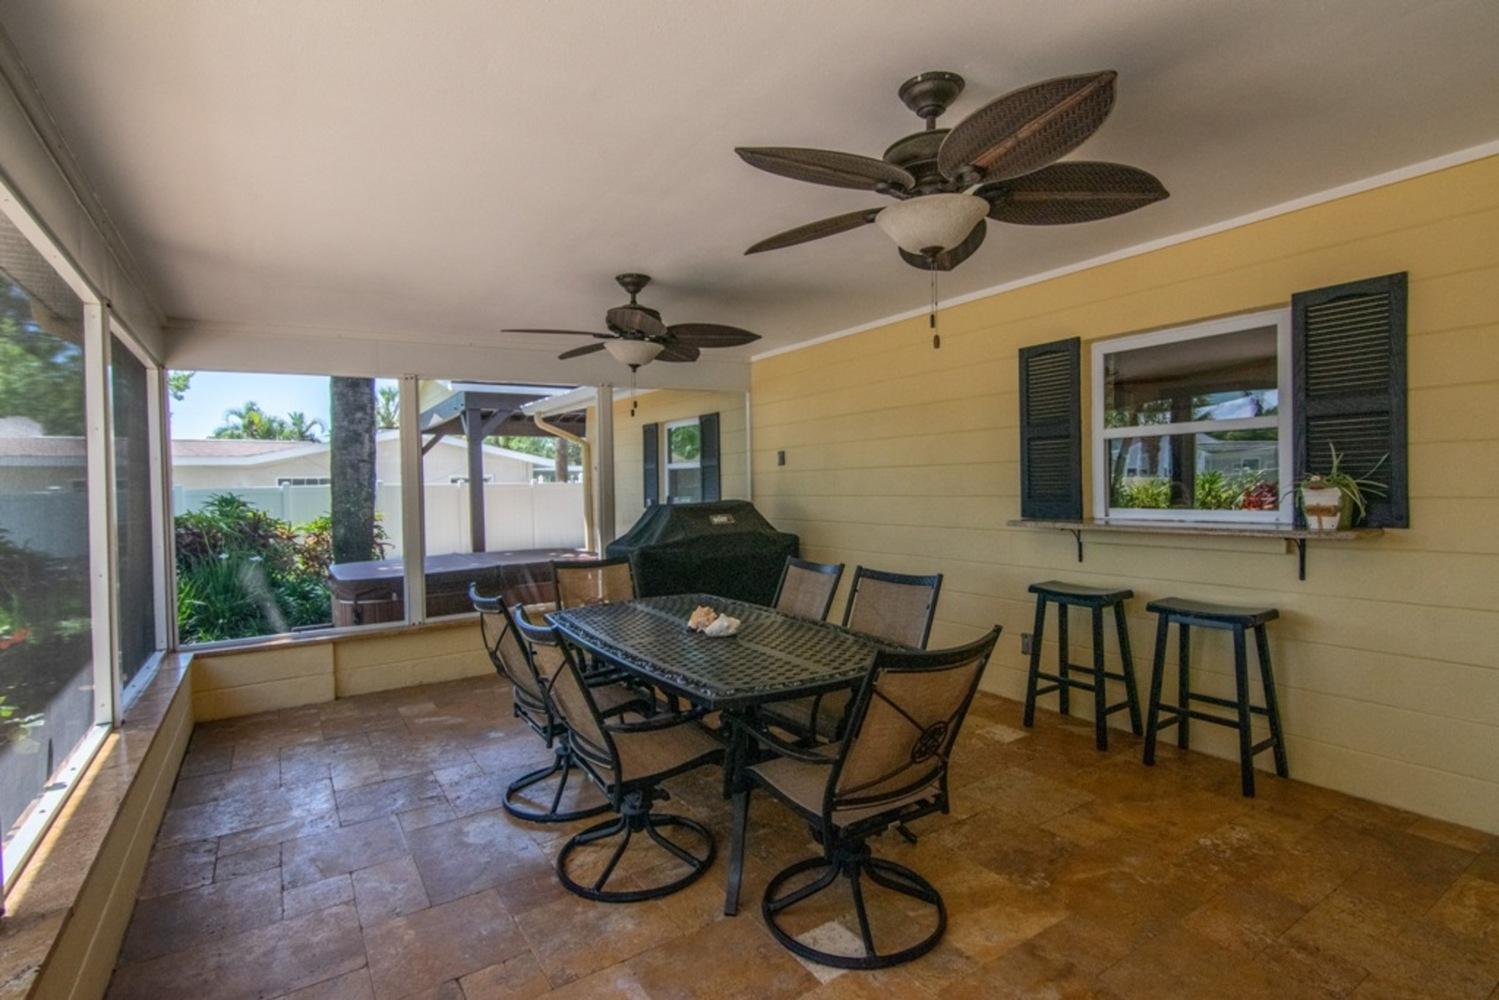 39 patio